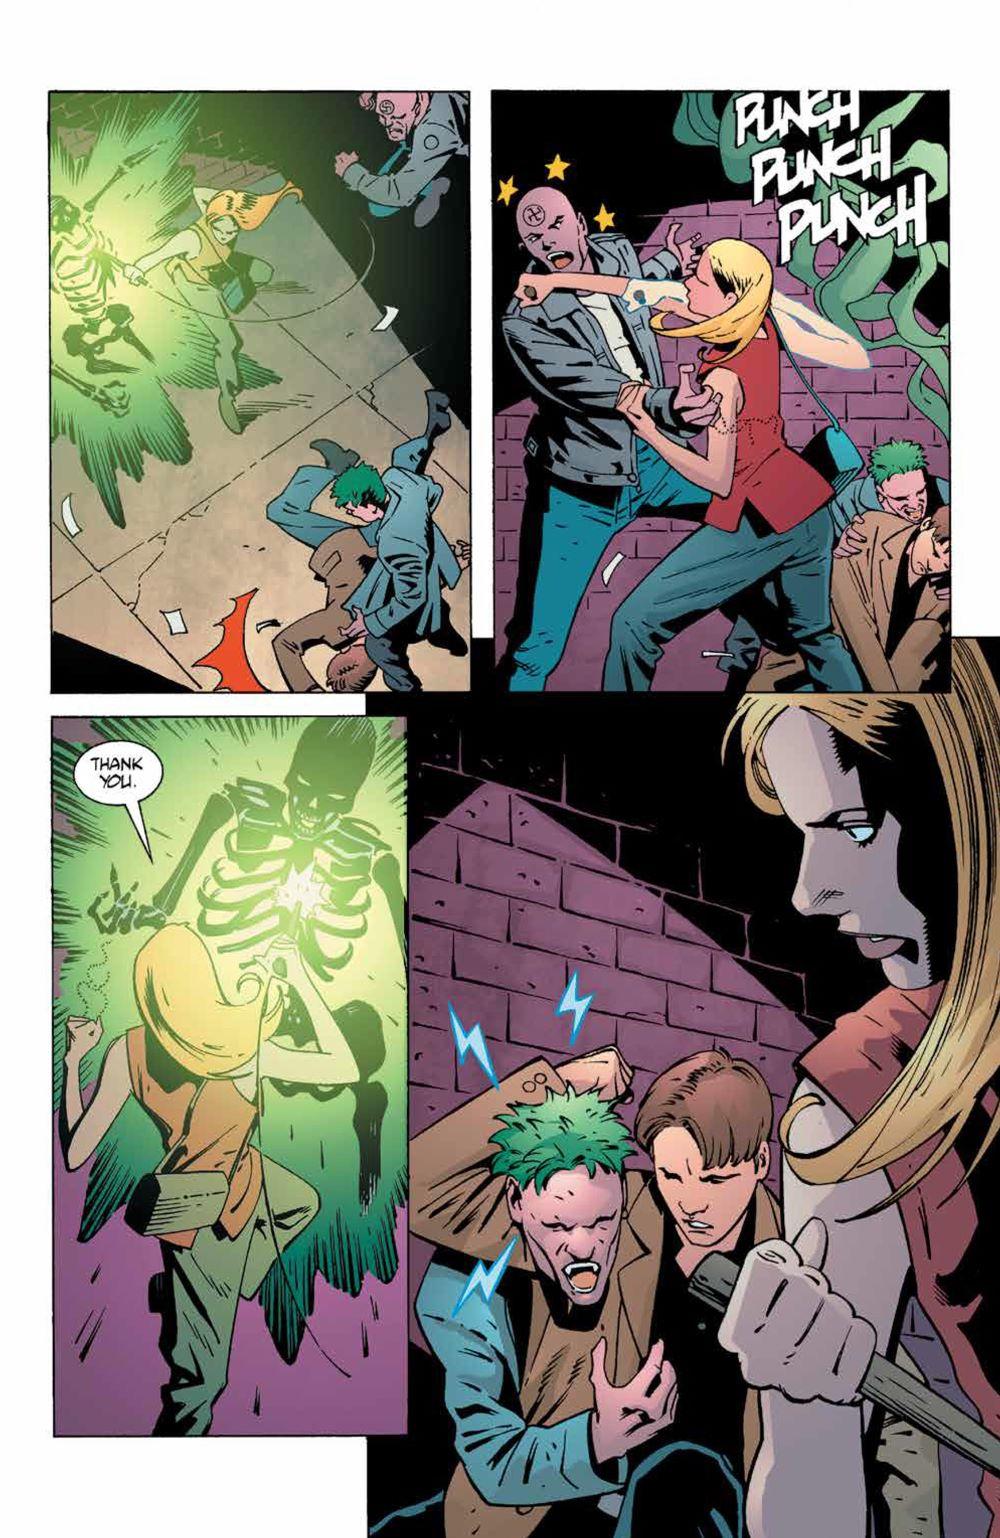 Buffy_Legacy_v4_SC_PRESS_14 ComicList Previews: BUFFY THE VAMPIRE SLAYER LEGACY EDITION VOLUME 4 SC